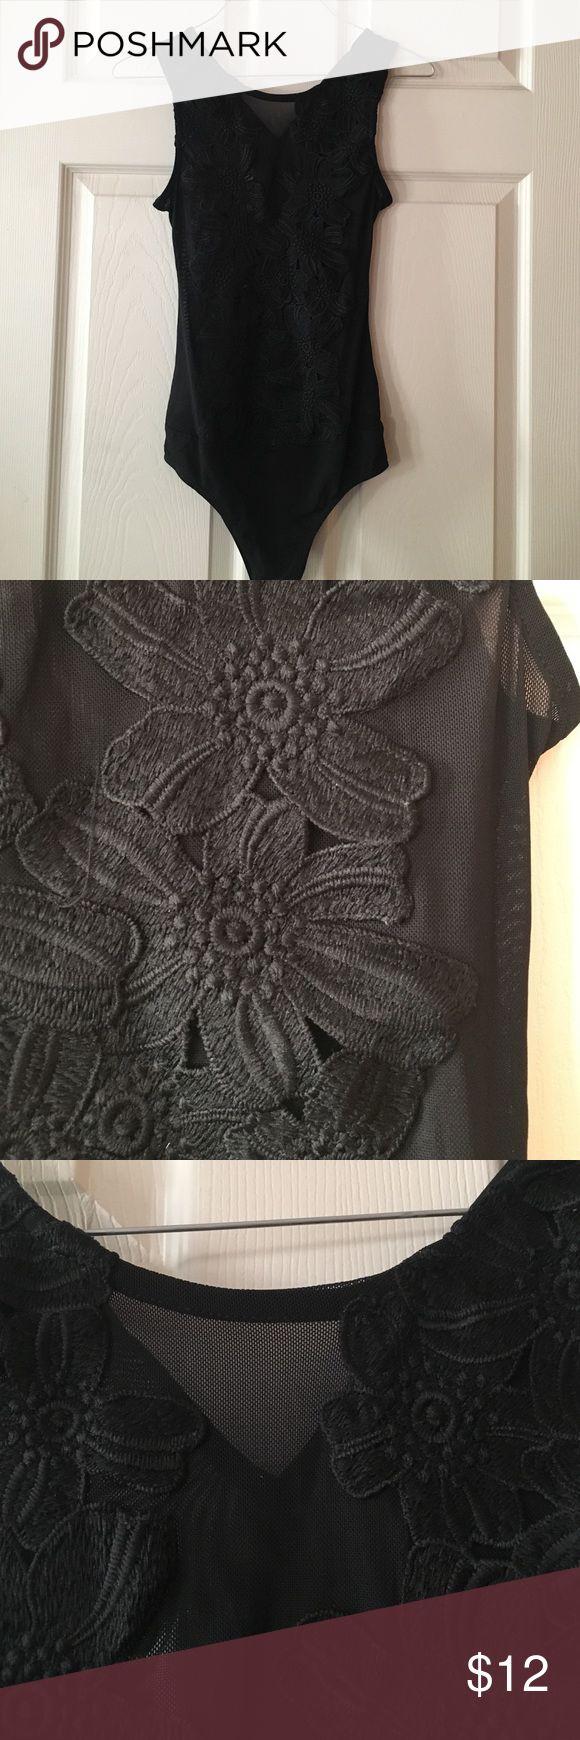 Mesh bodysuit Black mesh bodysuit. Flower design throughout the front of the bodysuit. New never worn Tops Blouses